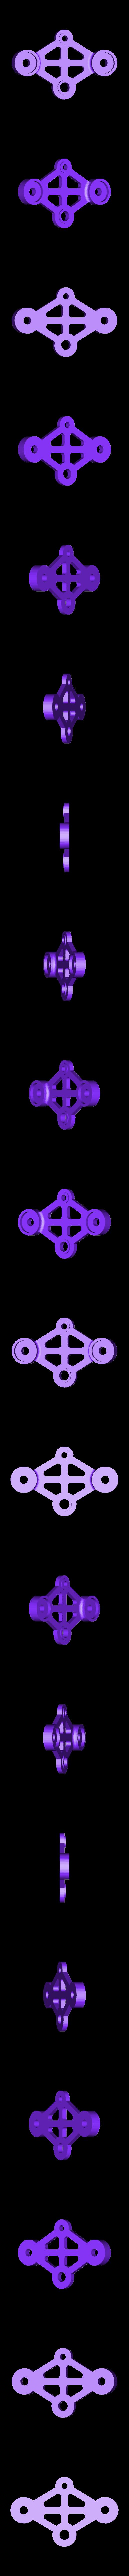 Frame2.stl Télécharger fichier STL gratuit Kozjavcka ( Козявка ) • Modèle pour impression 3D, SiberK